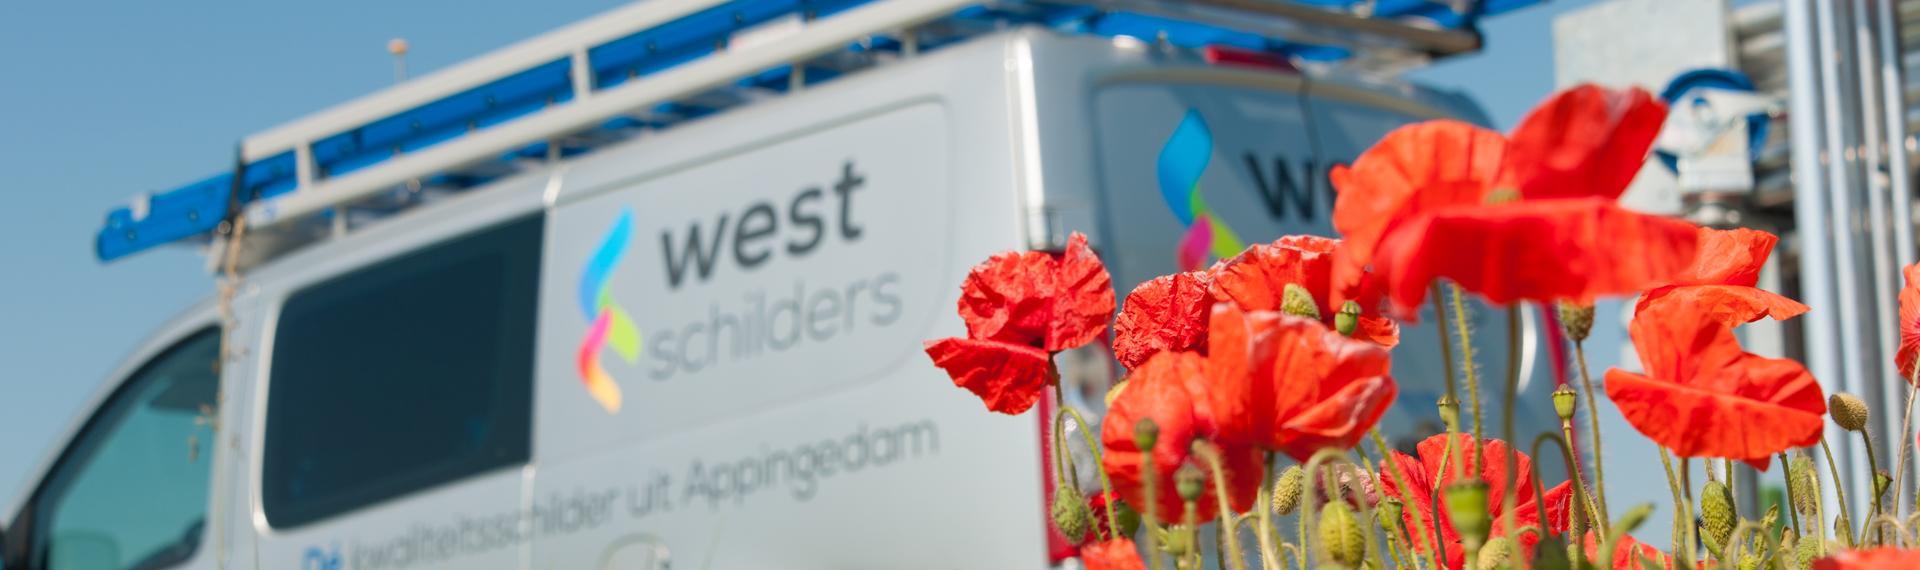 West Schilders de kwaliteitsschilder uit Appingedam 2